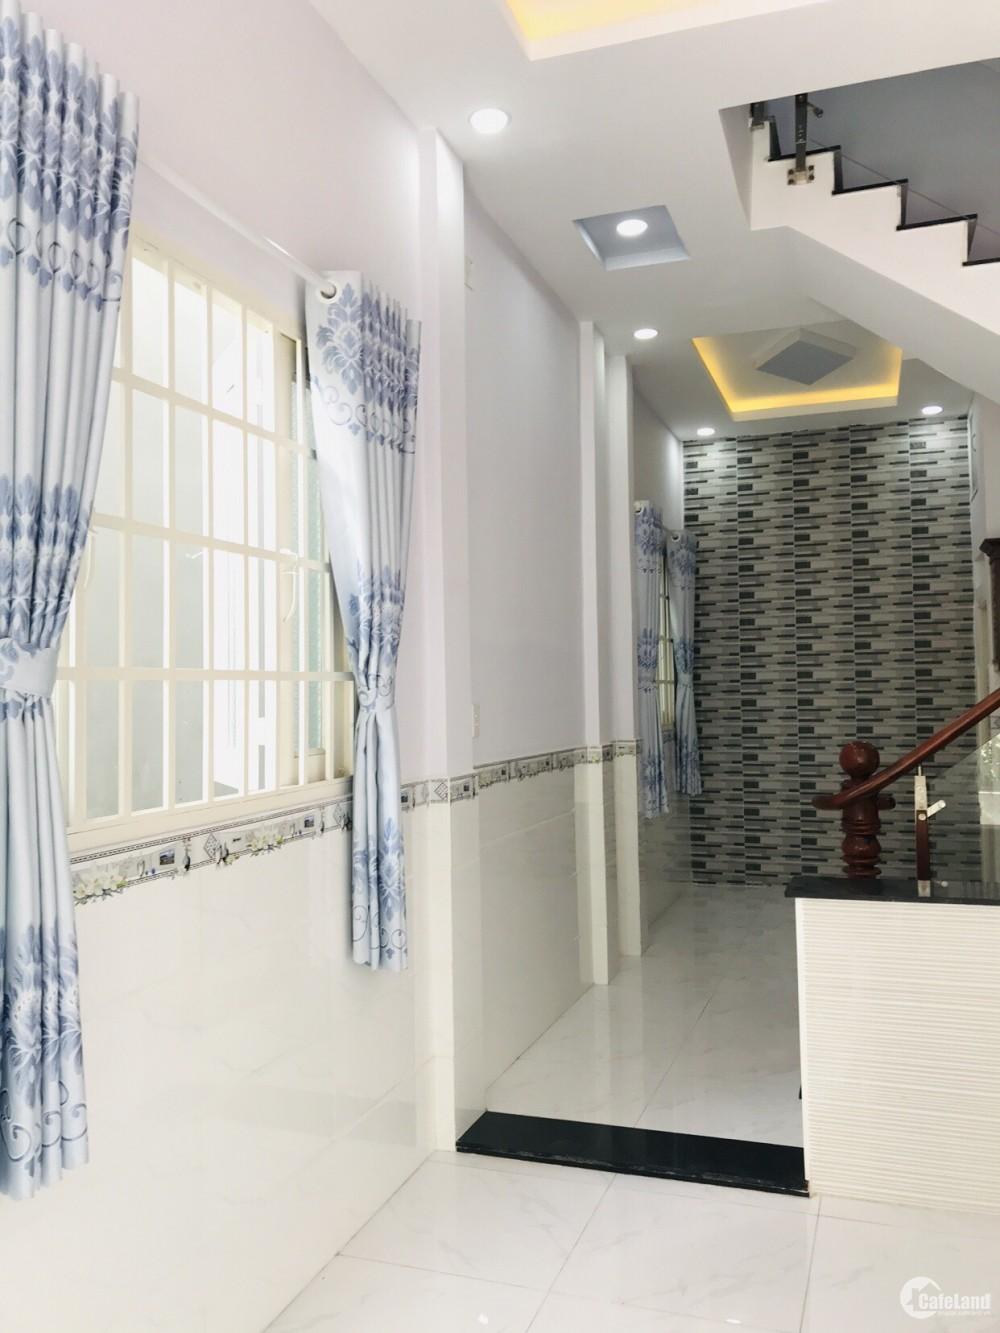 Bán nhà hẻm đường Đoàn Giỏi, P. Sơn Kỳ,1 lầu, mới, đẹp. 4.2m x 10, 3.8 tỷ